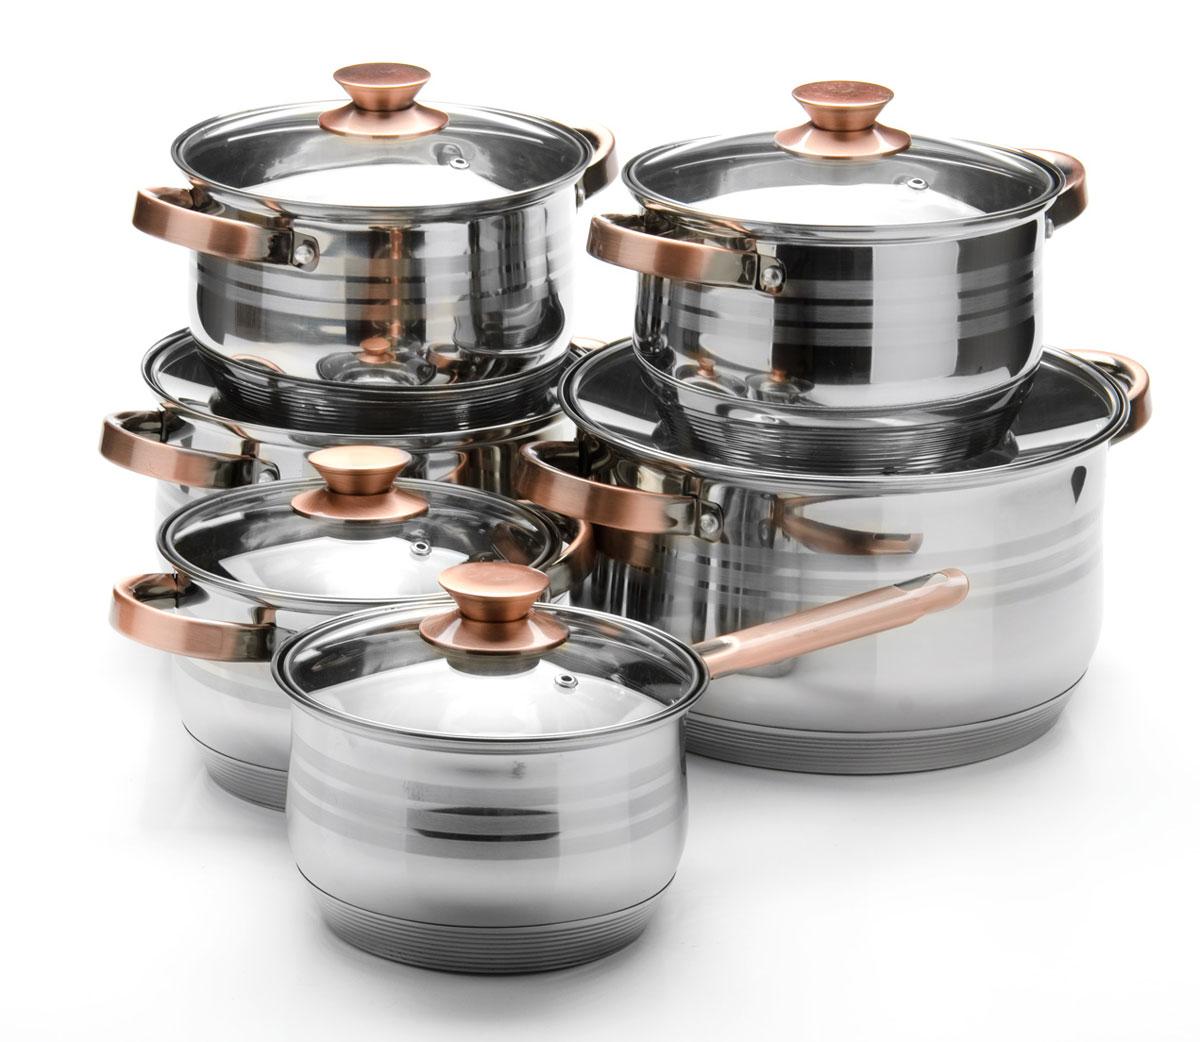 Набор посуды Mayer & Boch, 12 предметов. 26042391602Набор посуды станет отличным дополнением к набору кухонной утвари. С его приобретением приготовление ваших любимых блюд перейдет на качественно новый уровень и вы сможете воплотить в жизнь любые кулинарные идеи. В комплект входят 12 предметов: сотейник (объем 2,1 л), 3 кастрюли (объем 2,1, 3,9, 6,6 л) и 2 кастрюли (объем 2,9 л), 6 крышек. Набор многофункционален и удобен в использовании, подойдет для варки супов, приготовления блюд из мяса и рыбы, гарниров, соусов т. д.